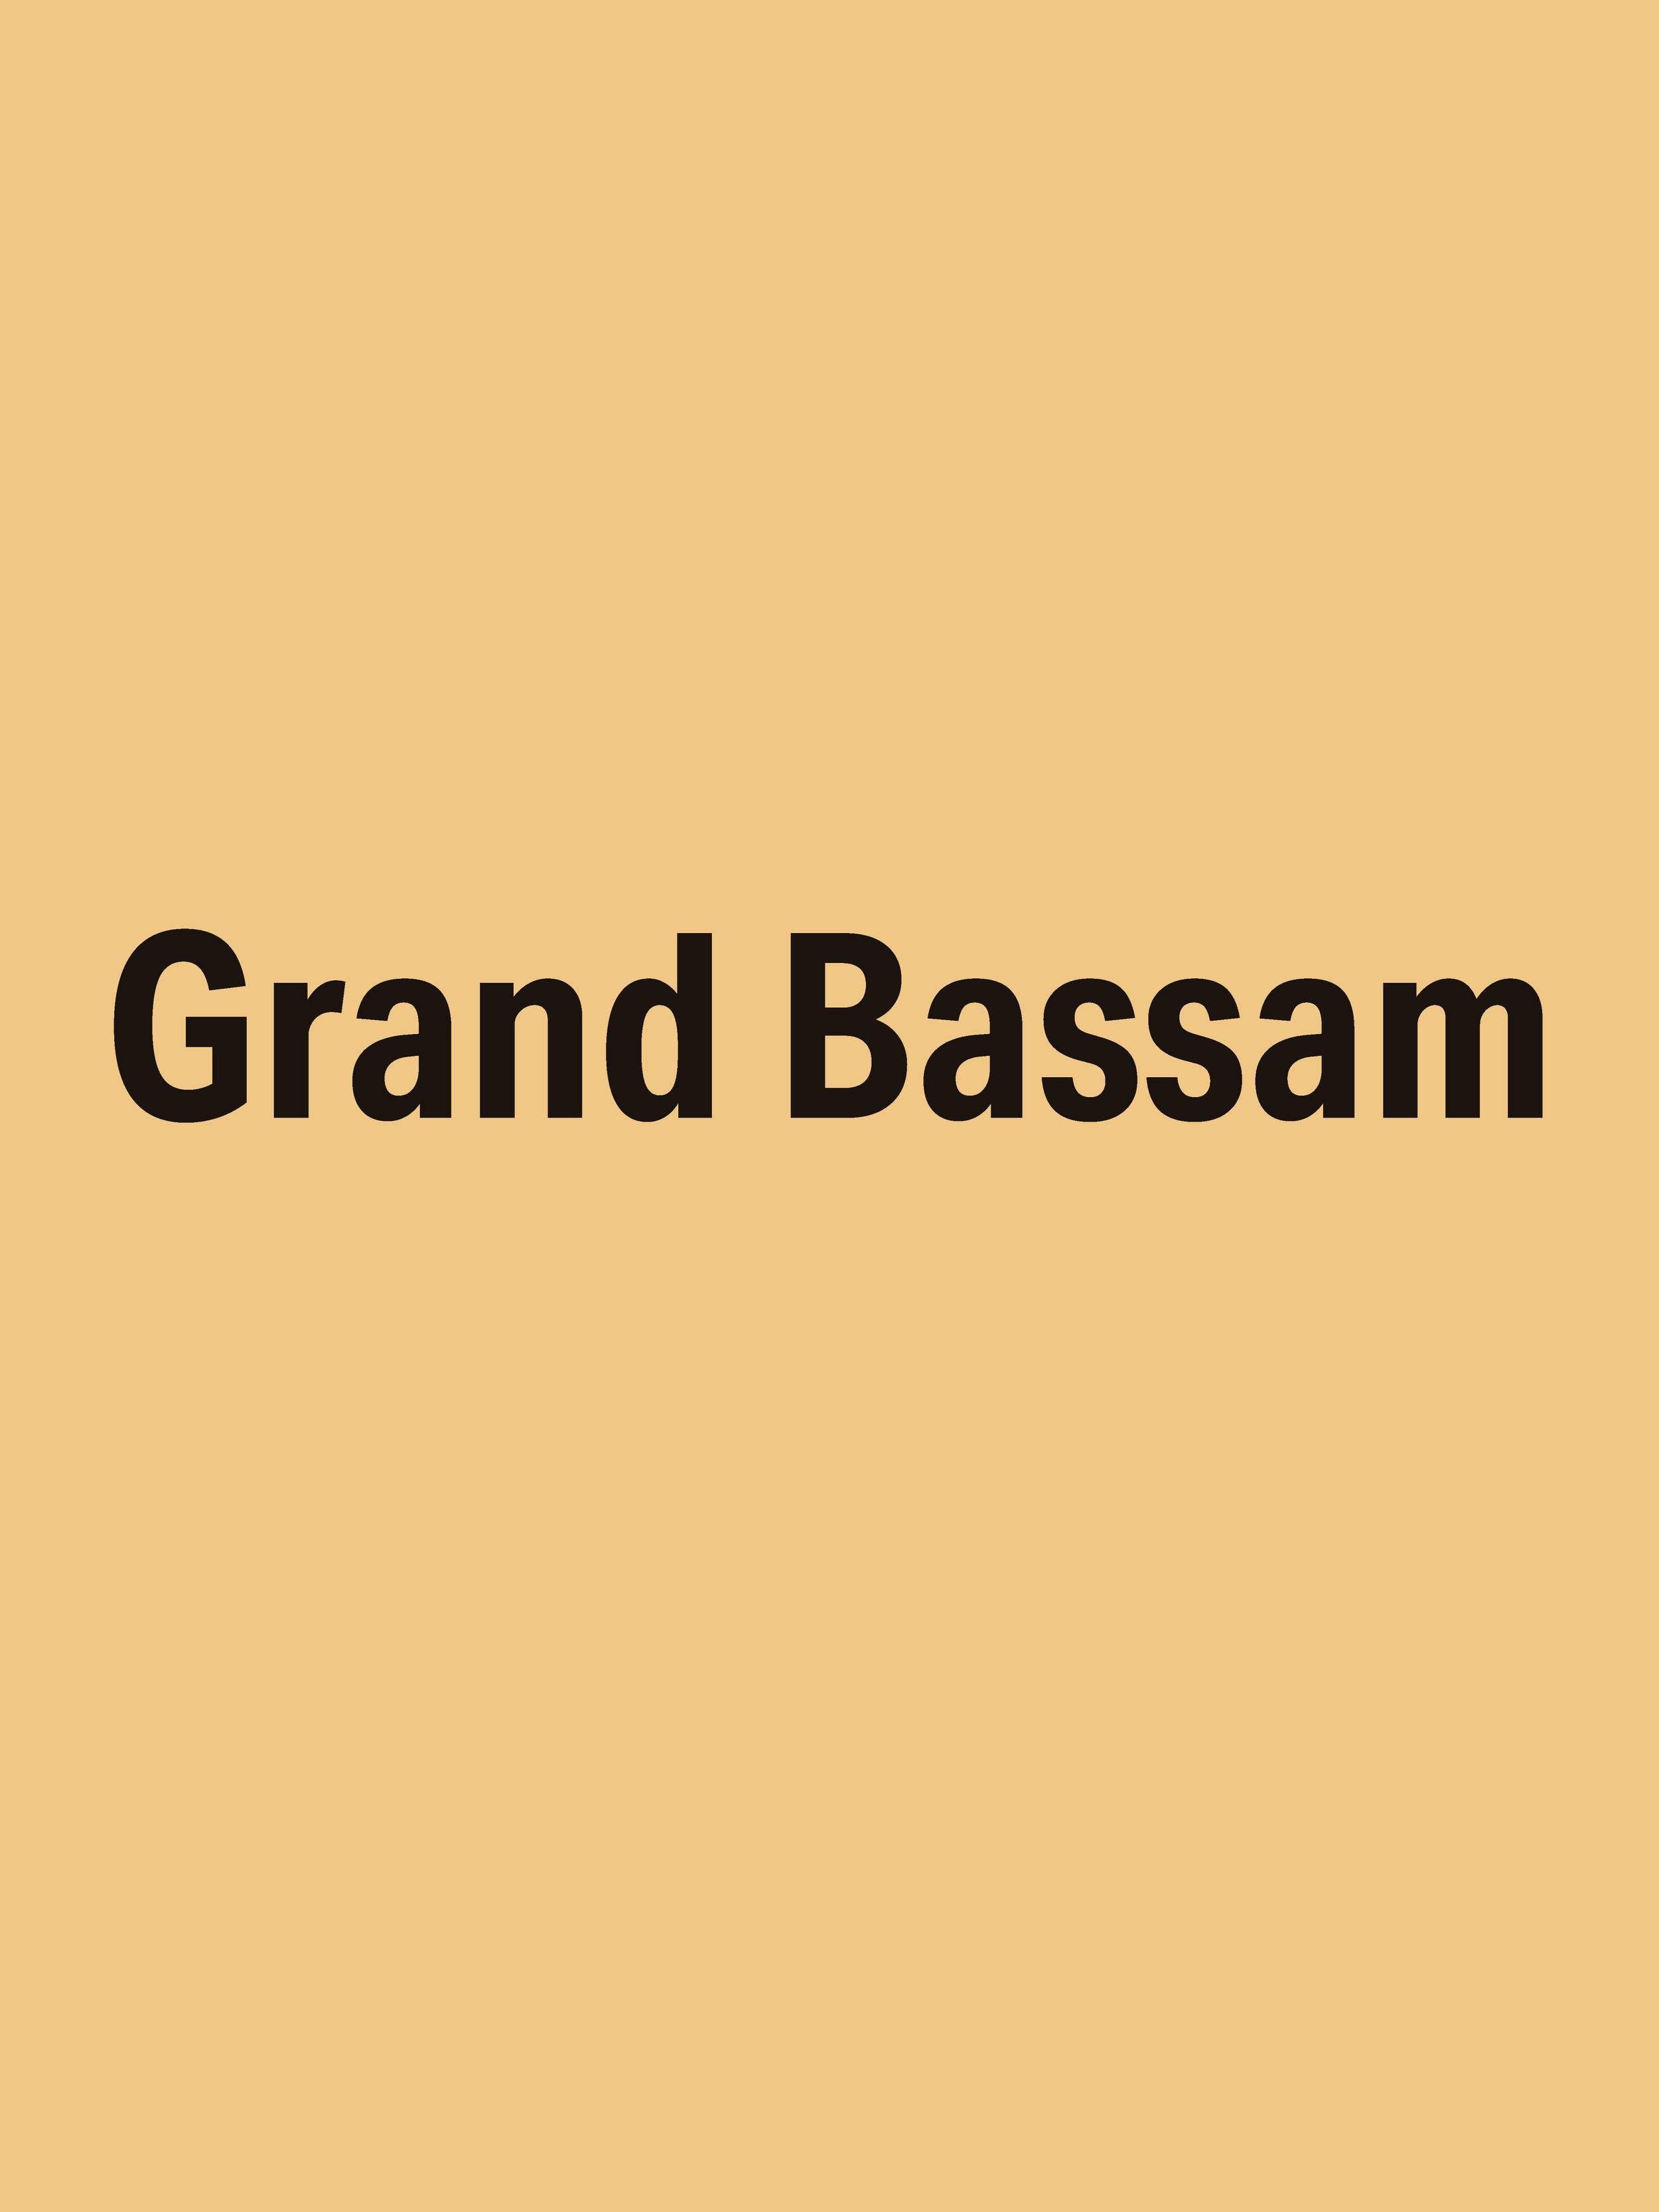 grand b.jpg